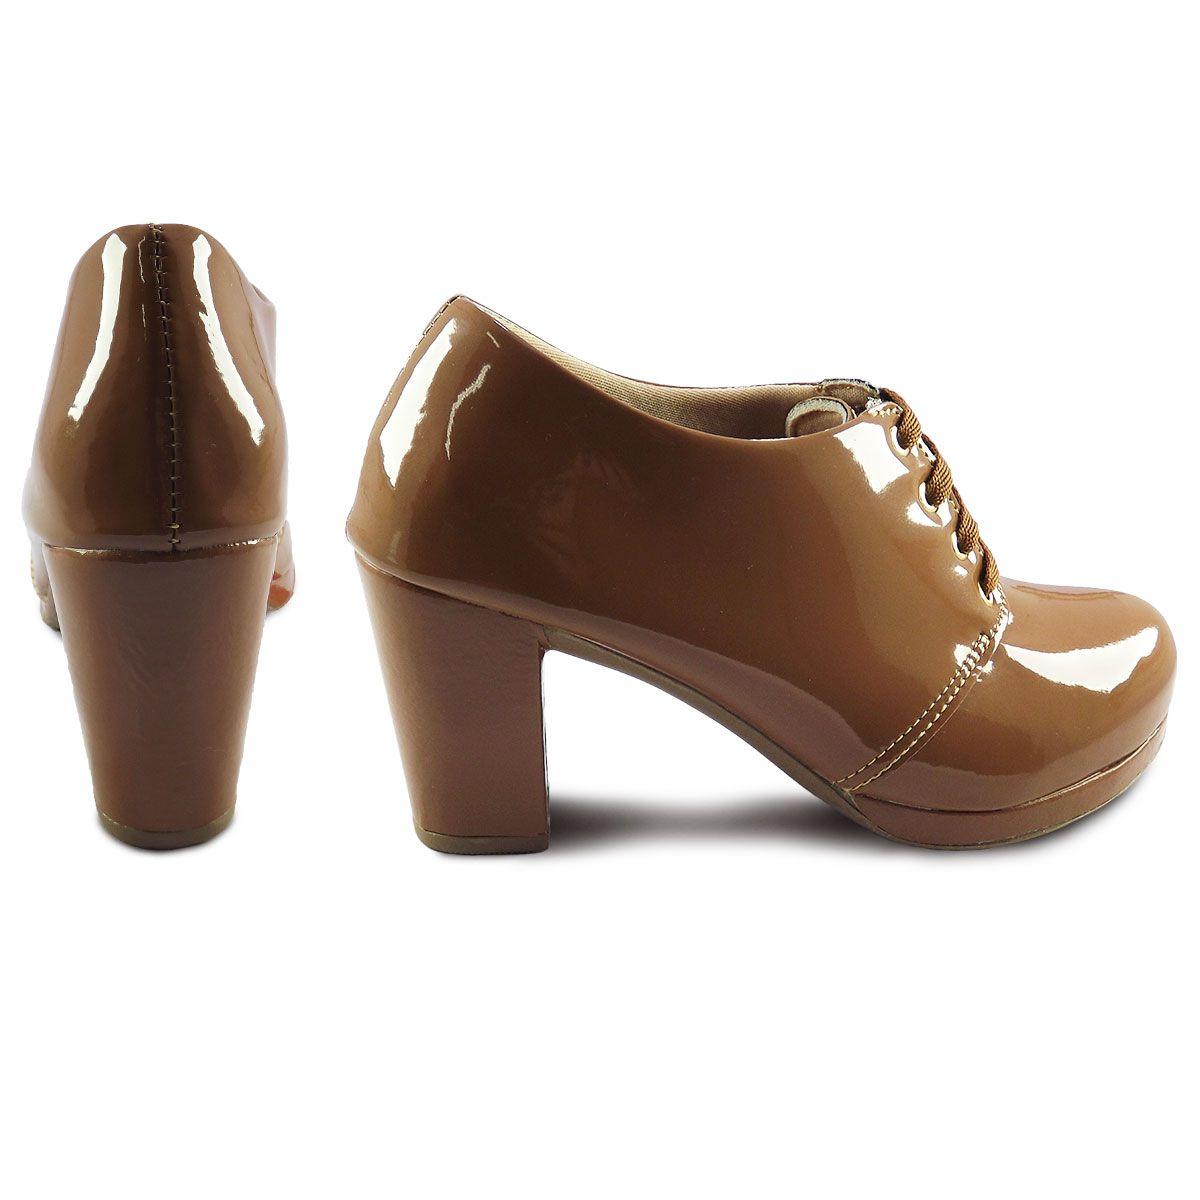 7246df529 Itra - Distribuidora de Calçados. Sapato Oxford Feminino Tratorado